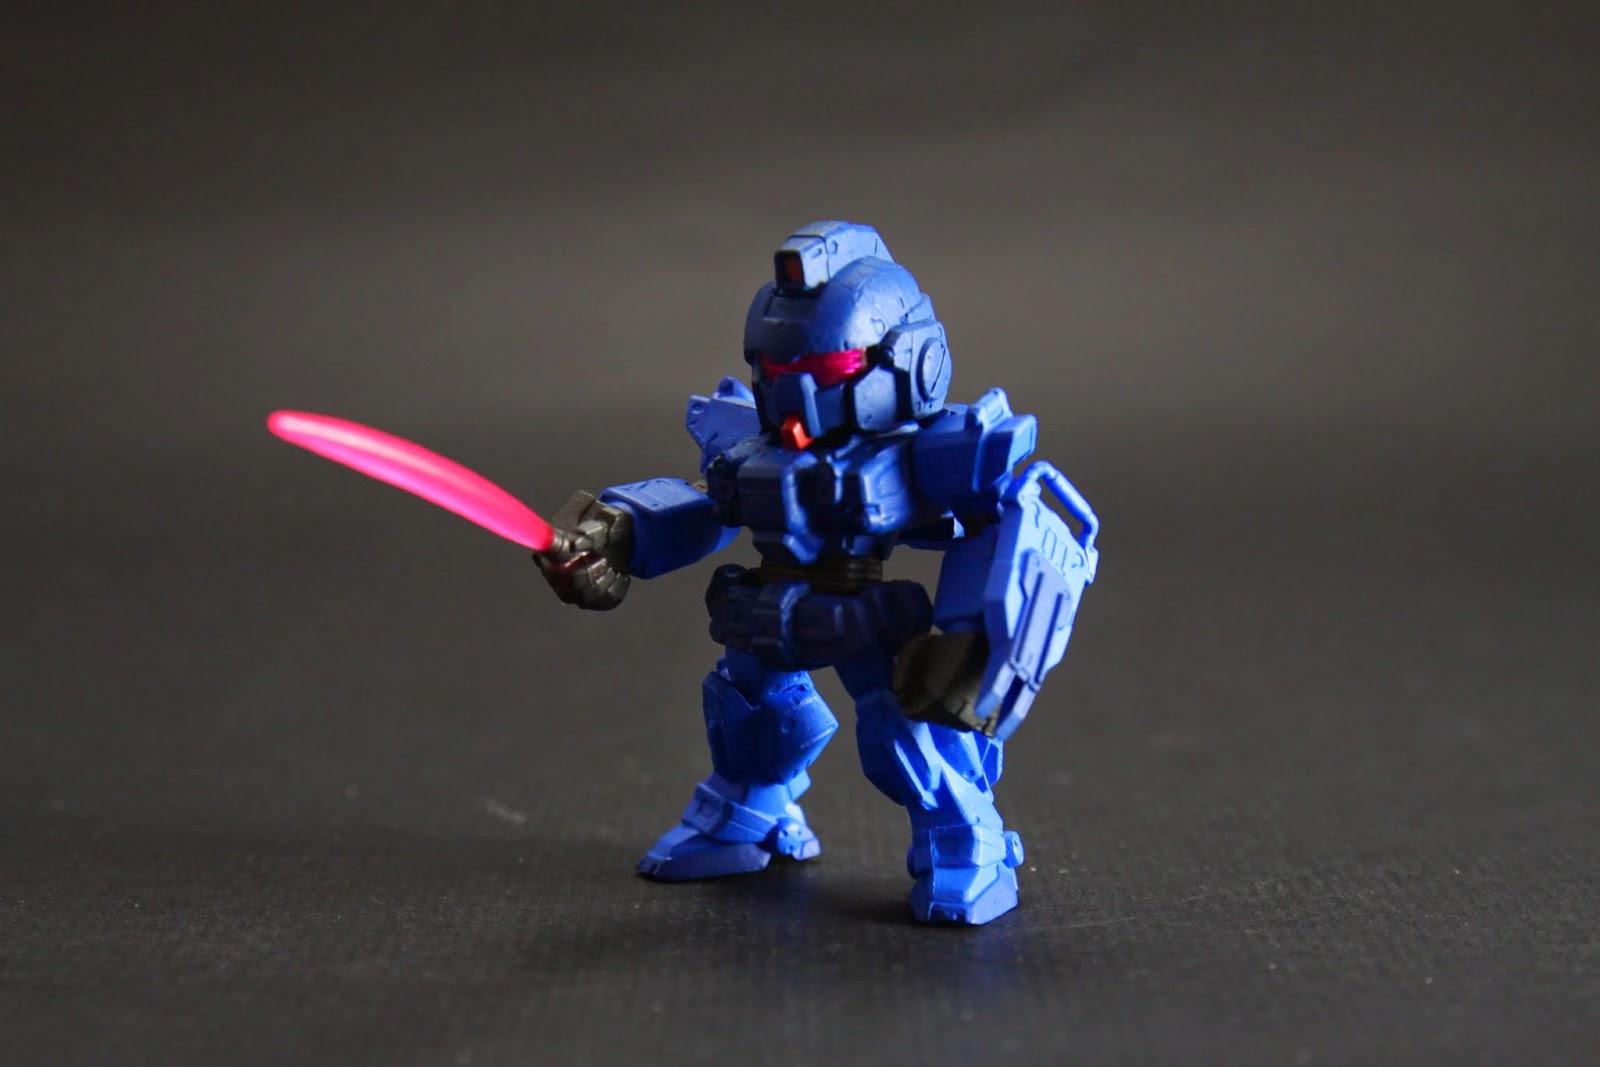 因為反應速度變快了 所以都以近身戰為主,因此武器都用光束刀